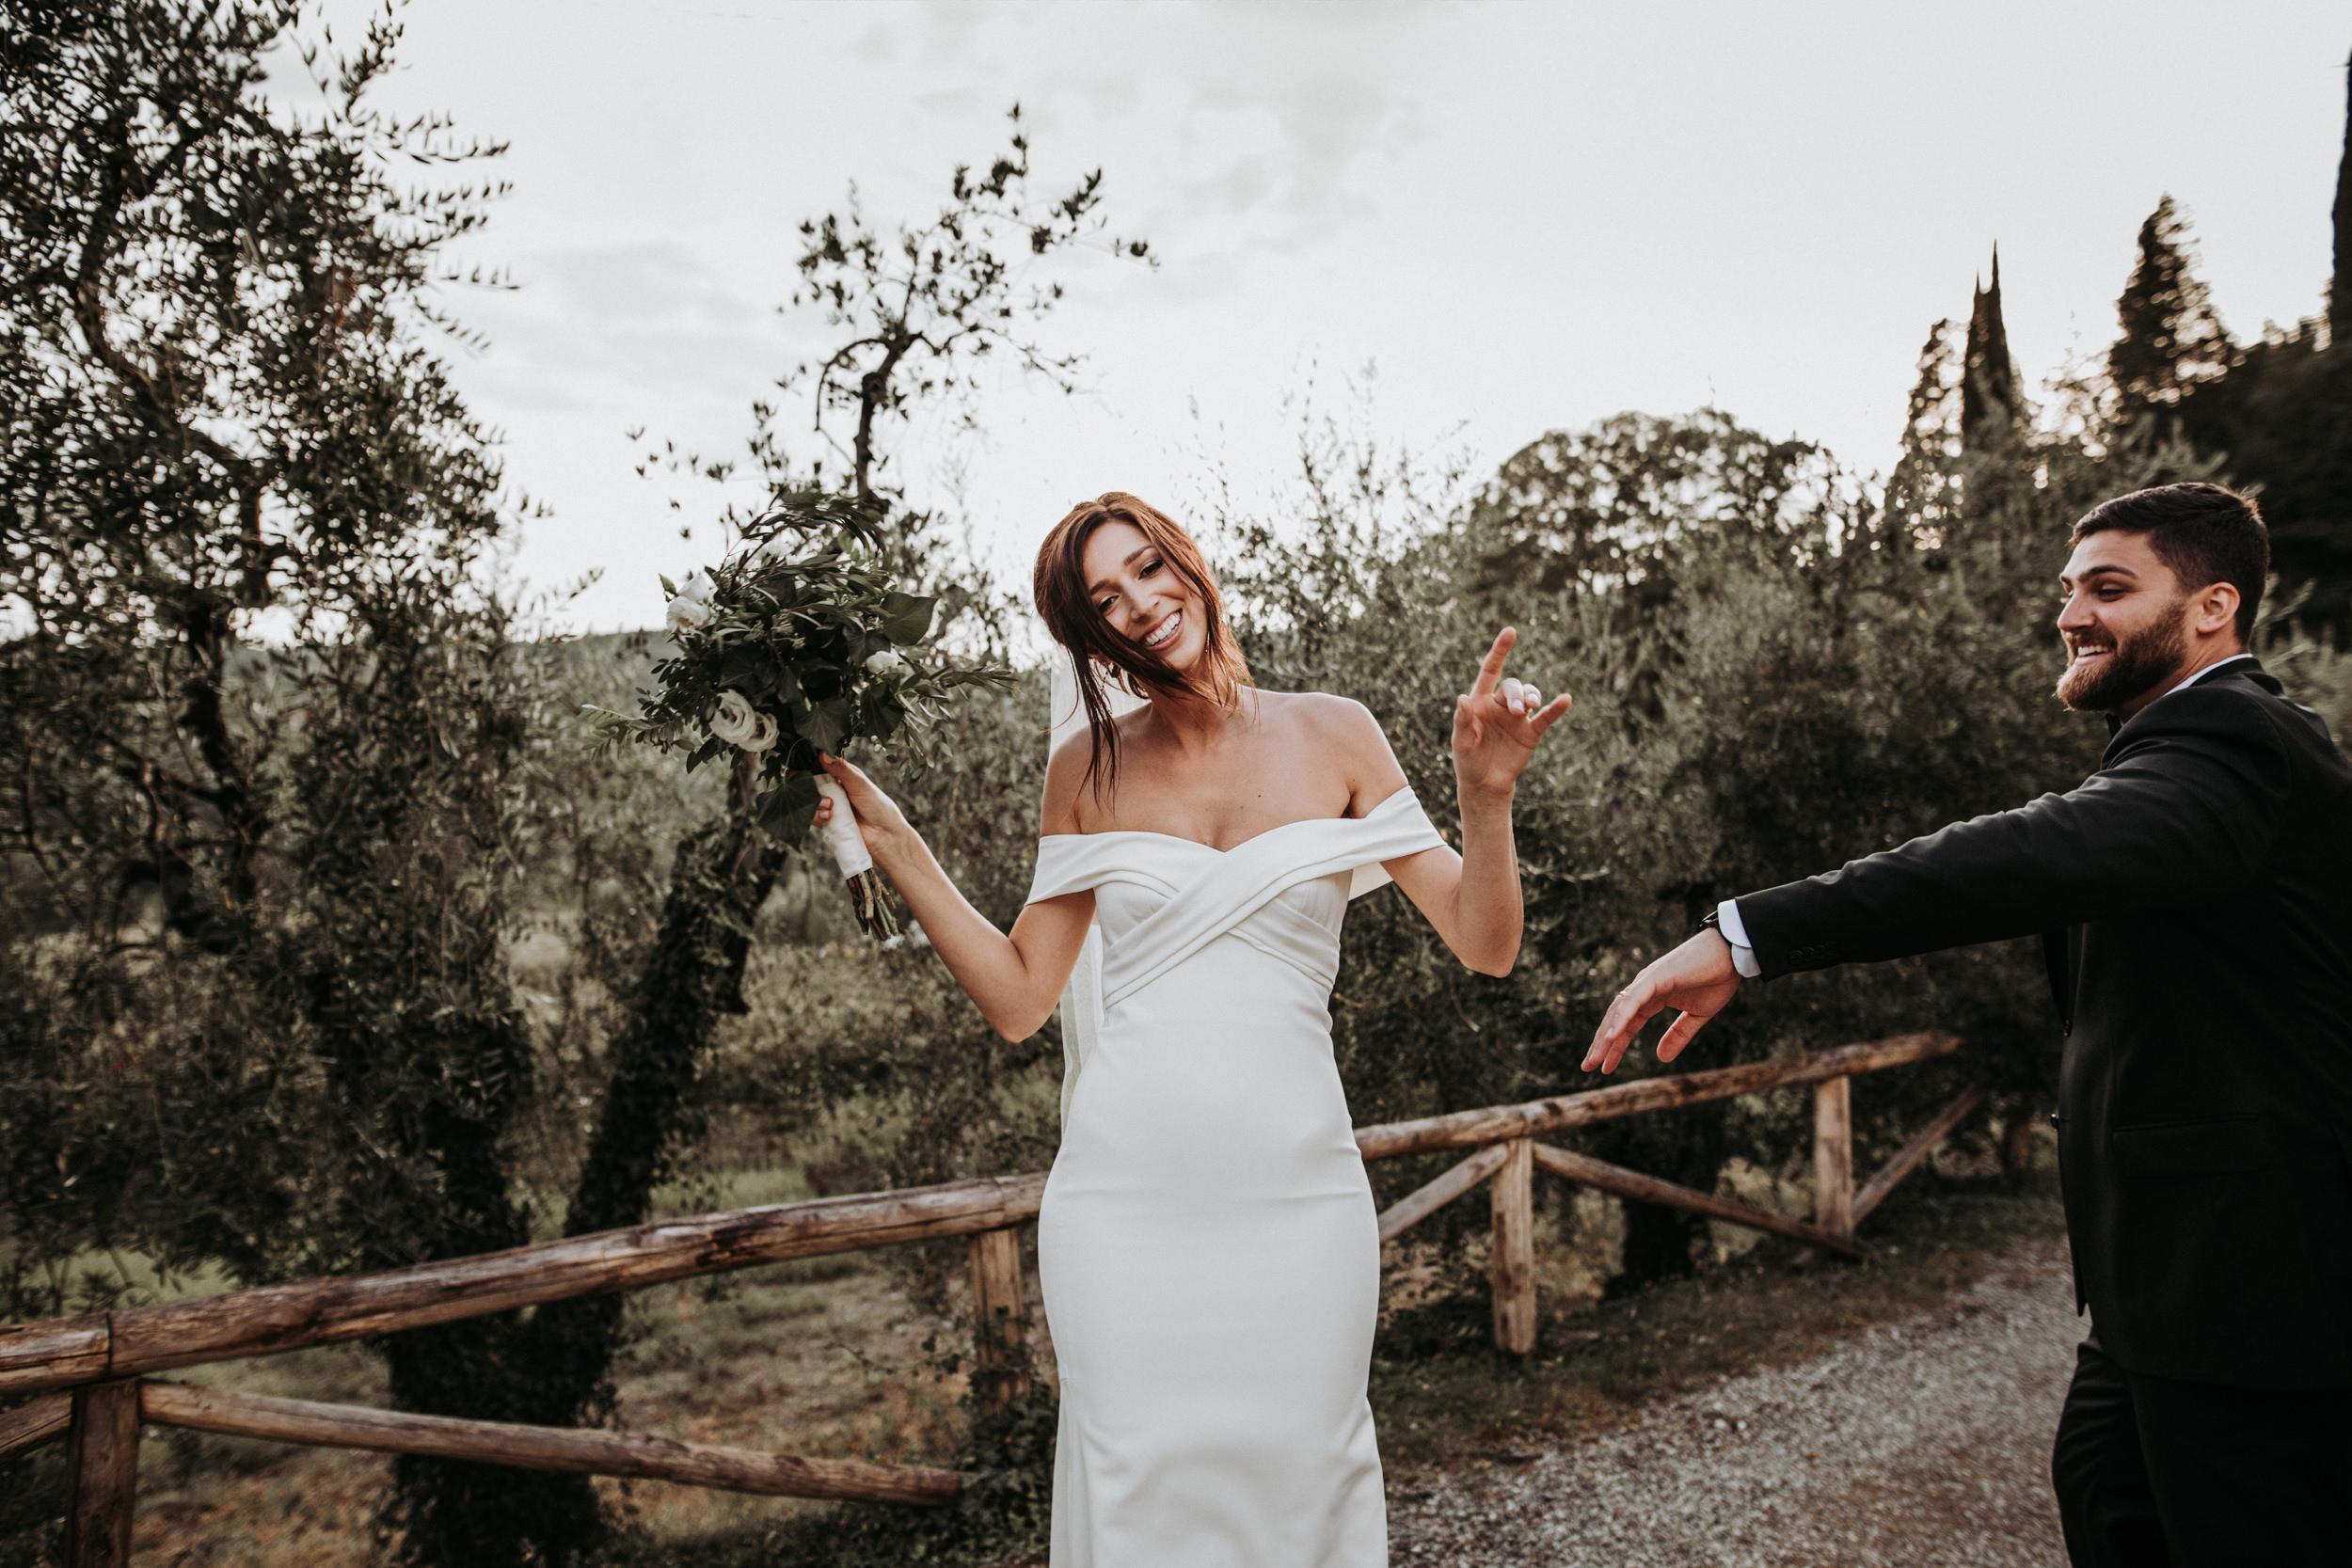 dm_photography_KW_Tuscanyweddingday_356